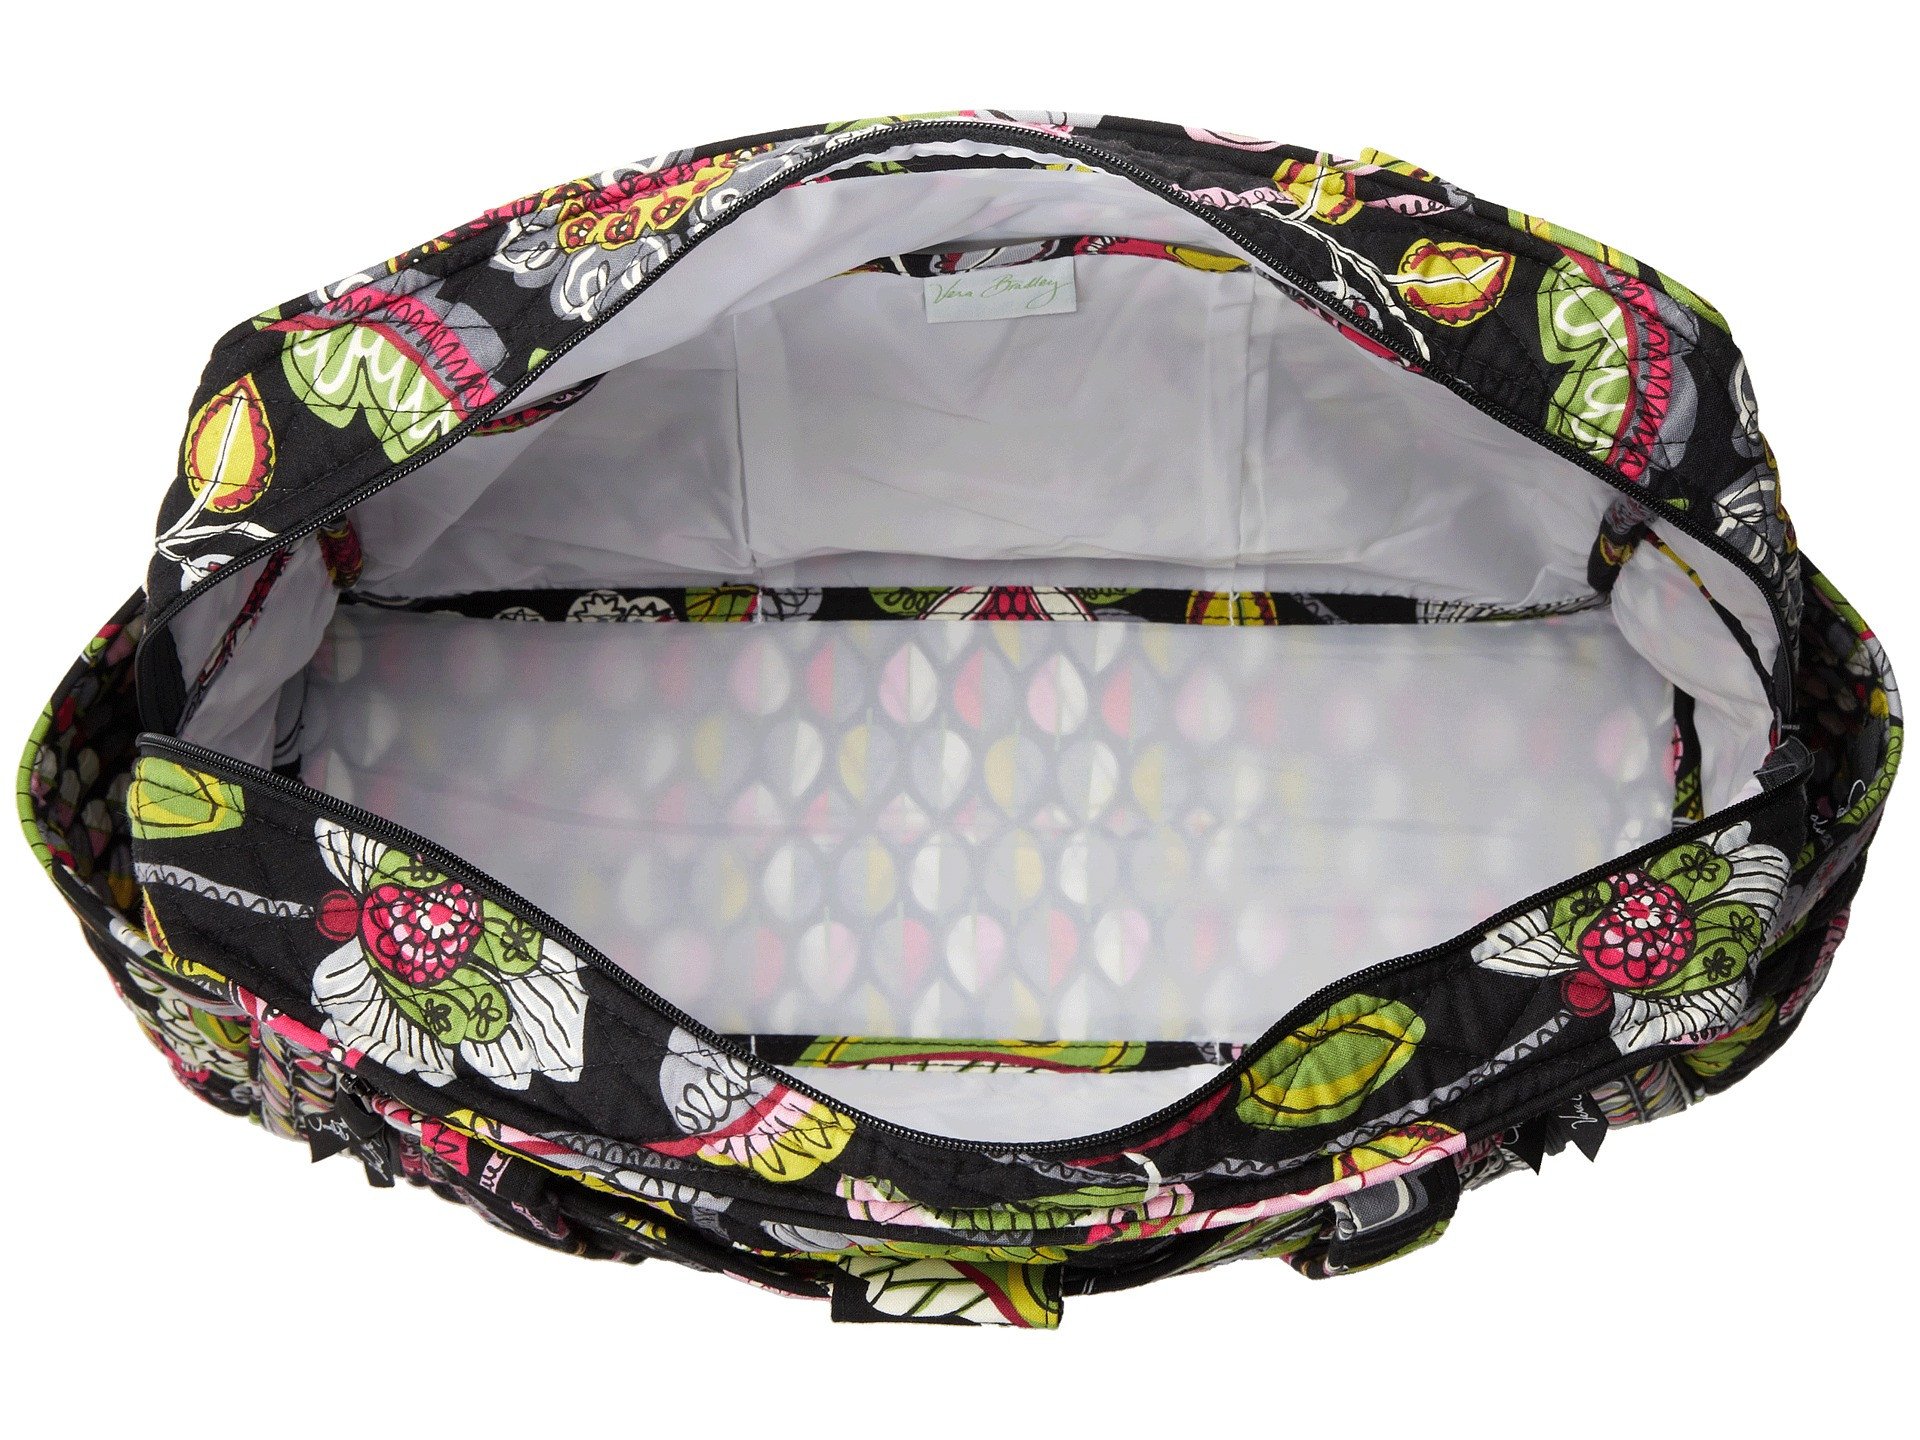 vera bradley make a change baby bag free. Black Bedroom Furniture Sets. Home Design Ideas